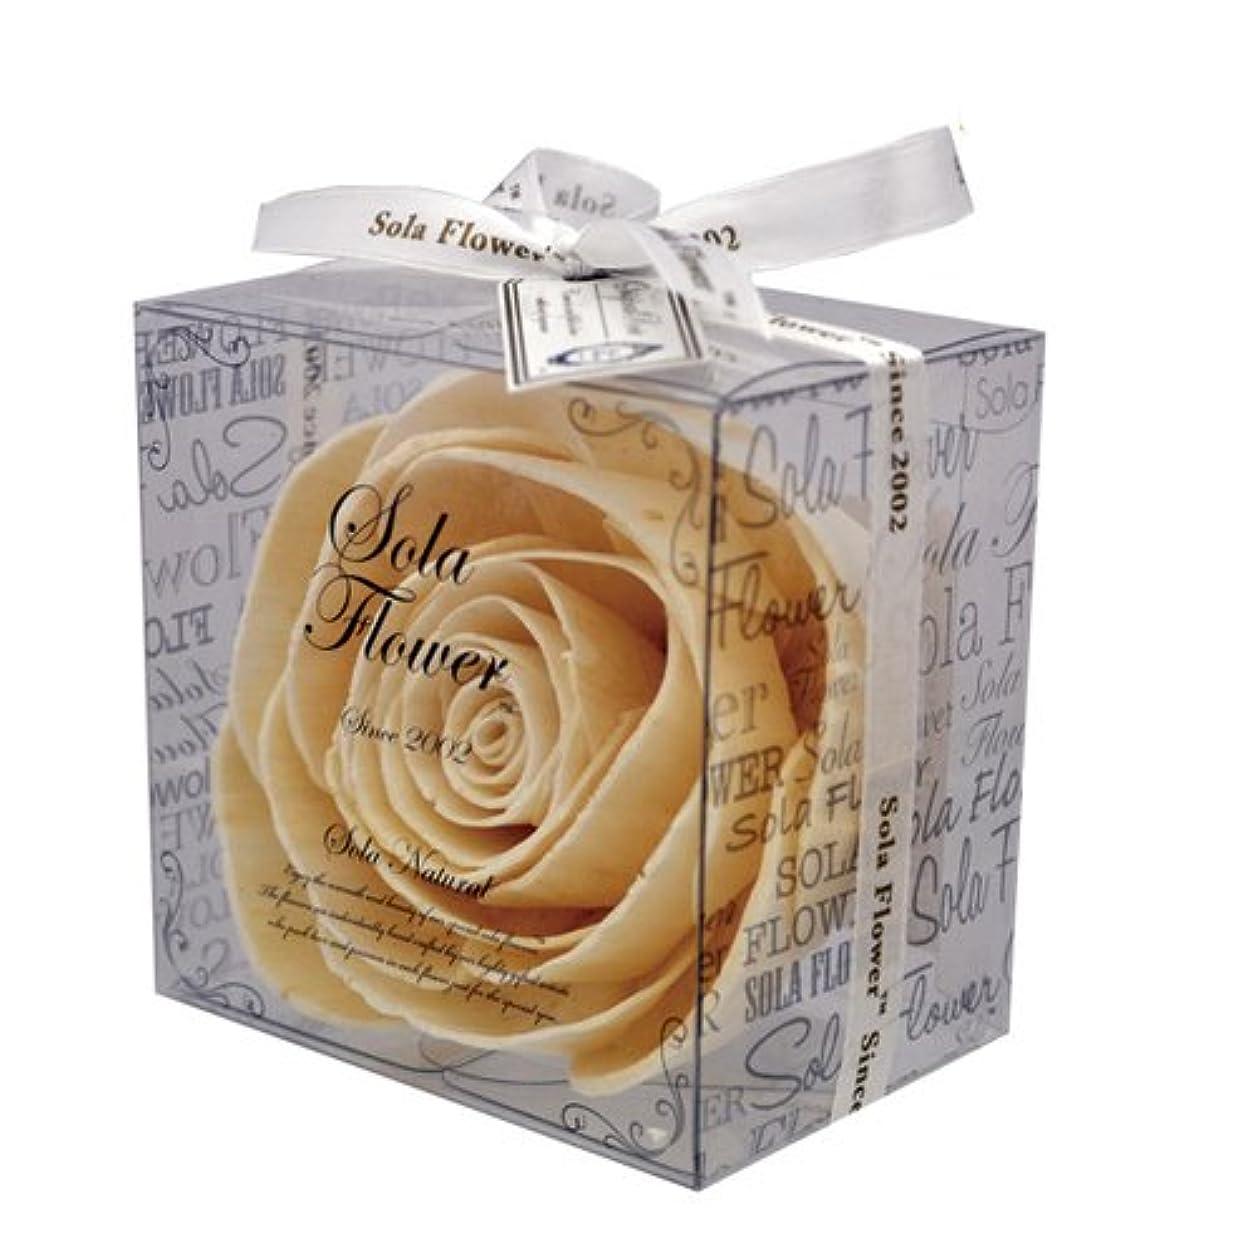 メナジェリー栄養手当new Sola Flower ソラフラワー ナチュラル Original Rose オリジナルローズ Natural